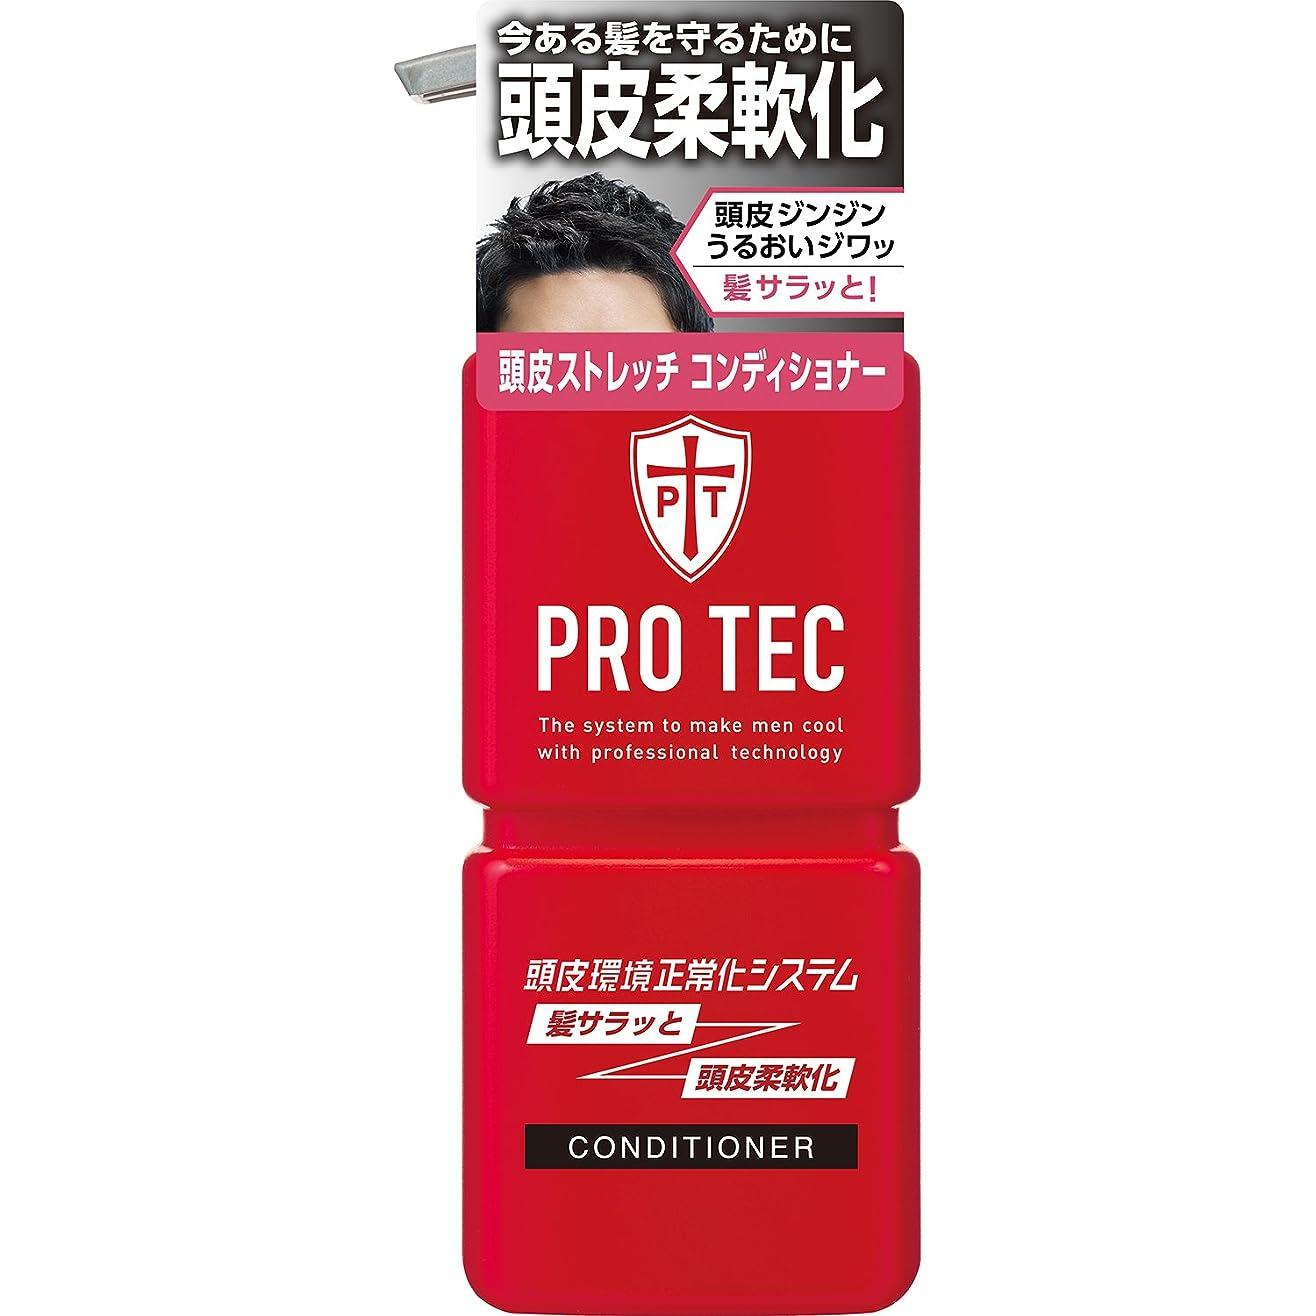 グリーンランド居住者騒ぎPRO TEC(プロテク) 頭皮ストレッチ コンディショナー 本体ポンプ 300g